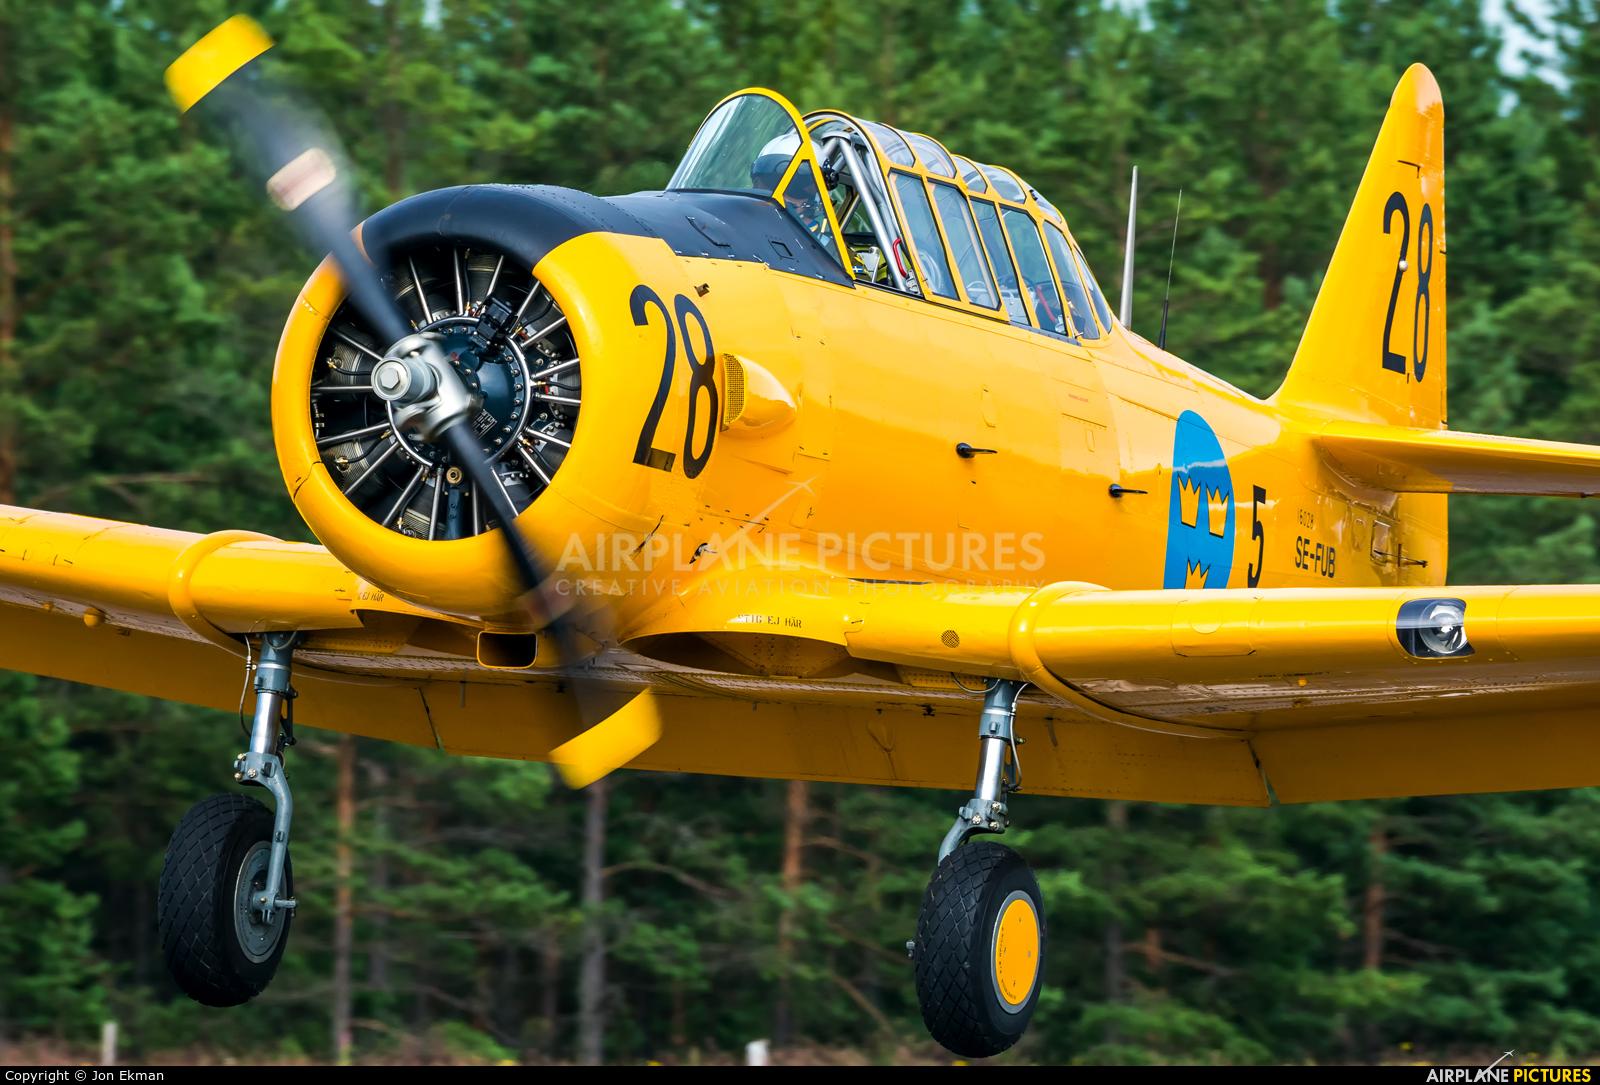 Swedish Air Force Historic Flight SE-FUB aircraft at Jämijärvi